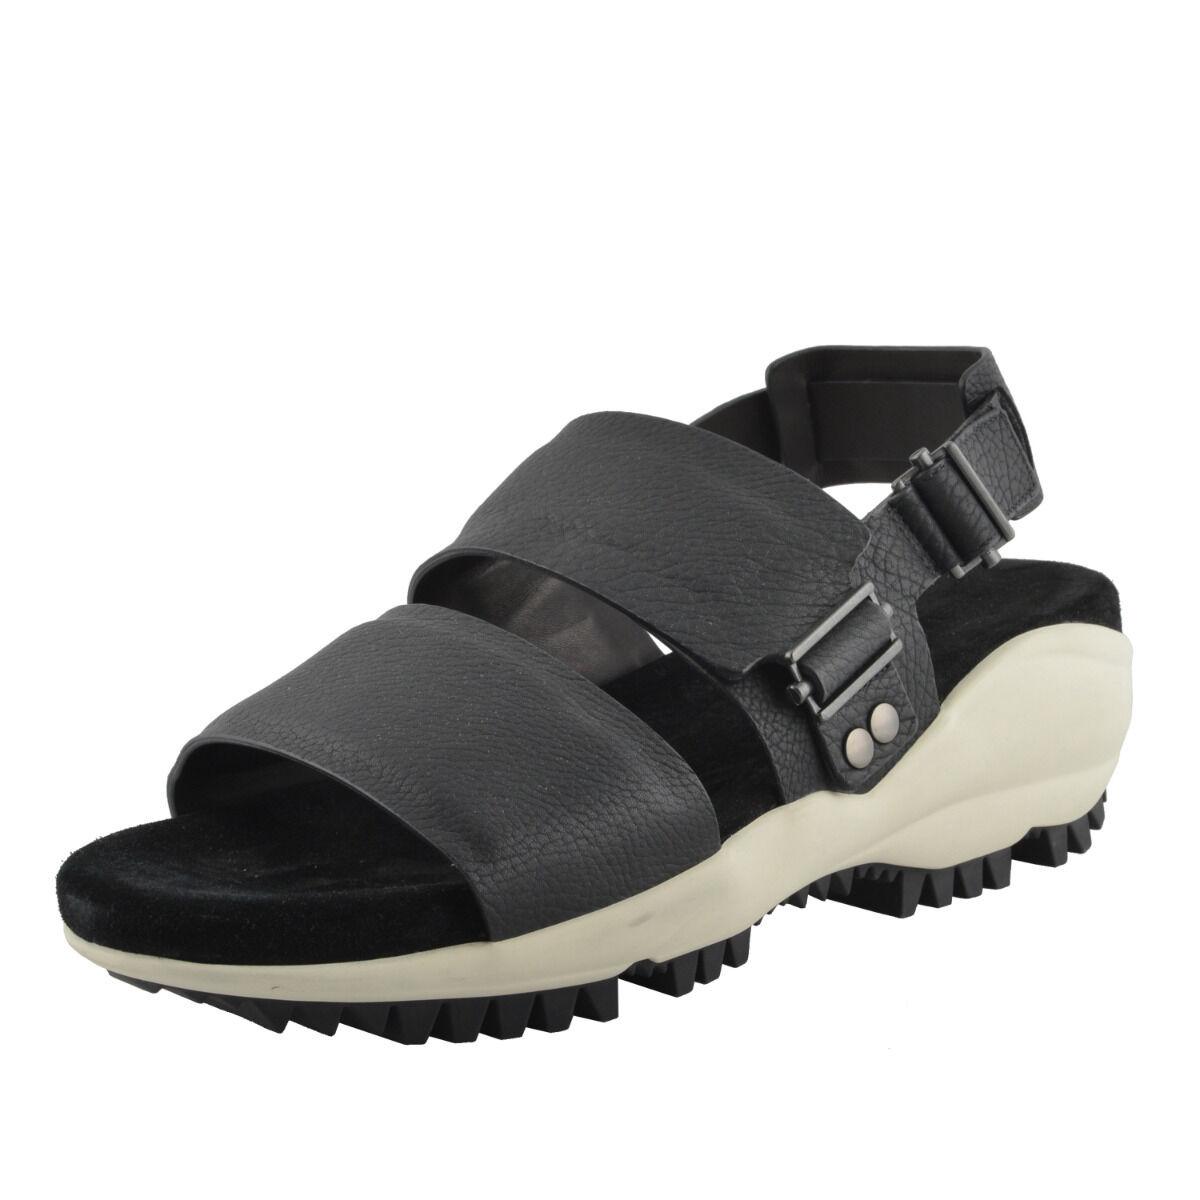 Lanvin Para Hombre Negro Cuero Gamuza Sandalias Zapatos nos 13, 12 de la UE 46